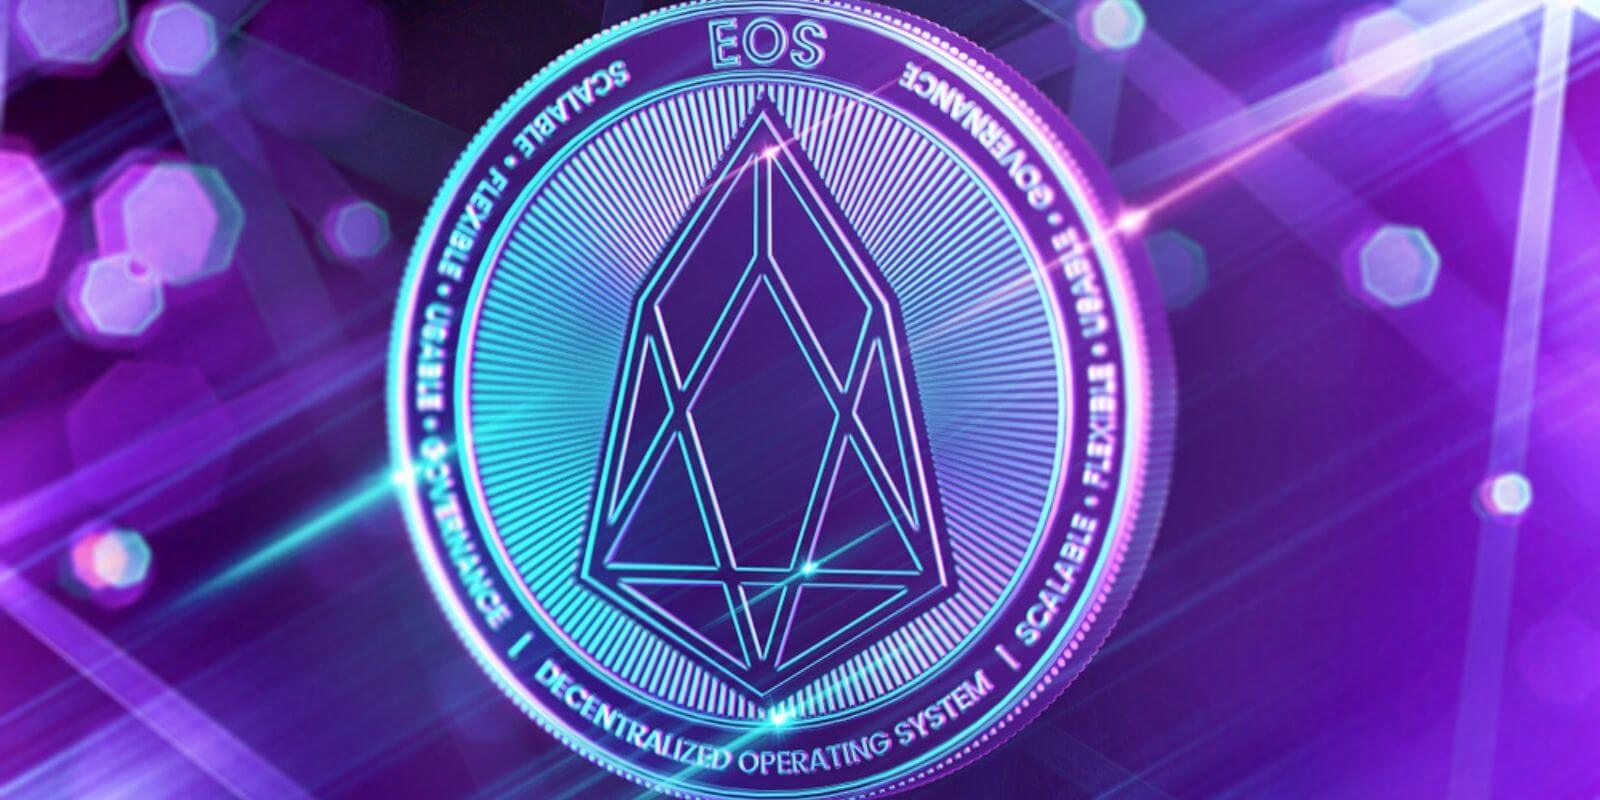 Le réseau social Voice ne sera pas lancé sur la blockchain de l'Eos